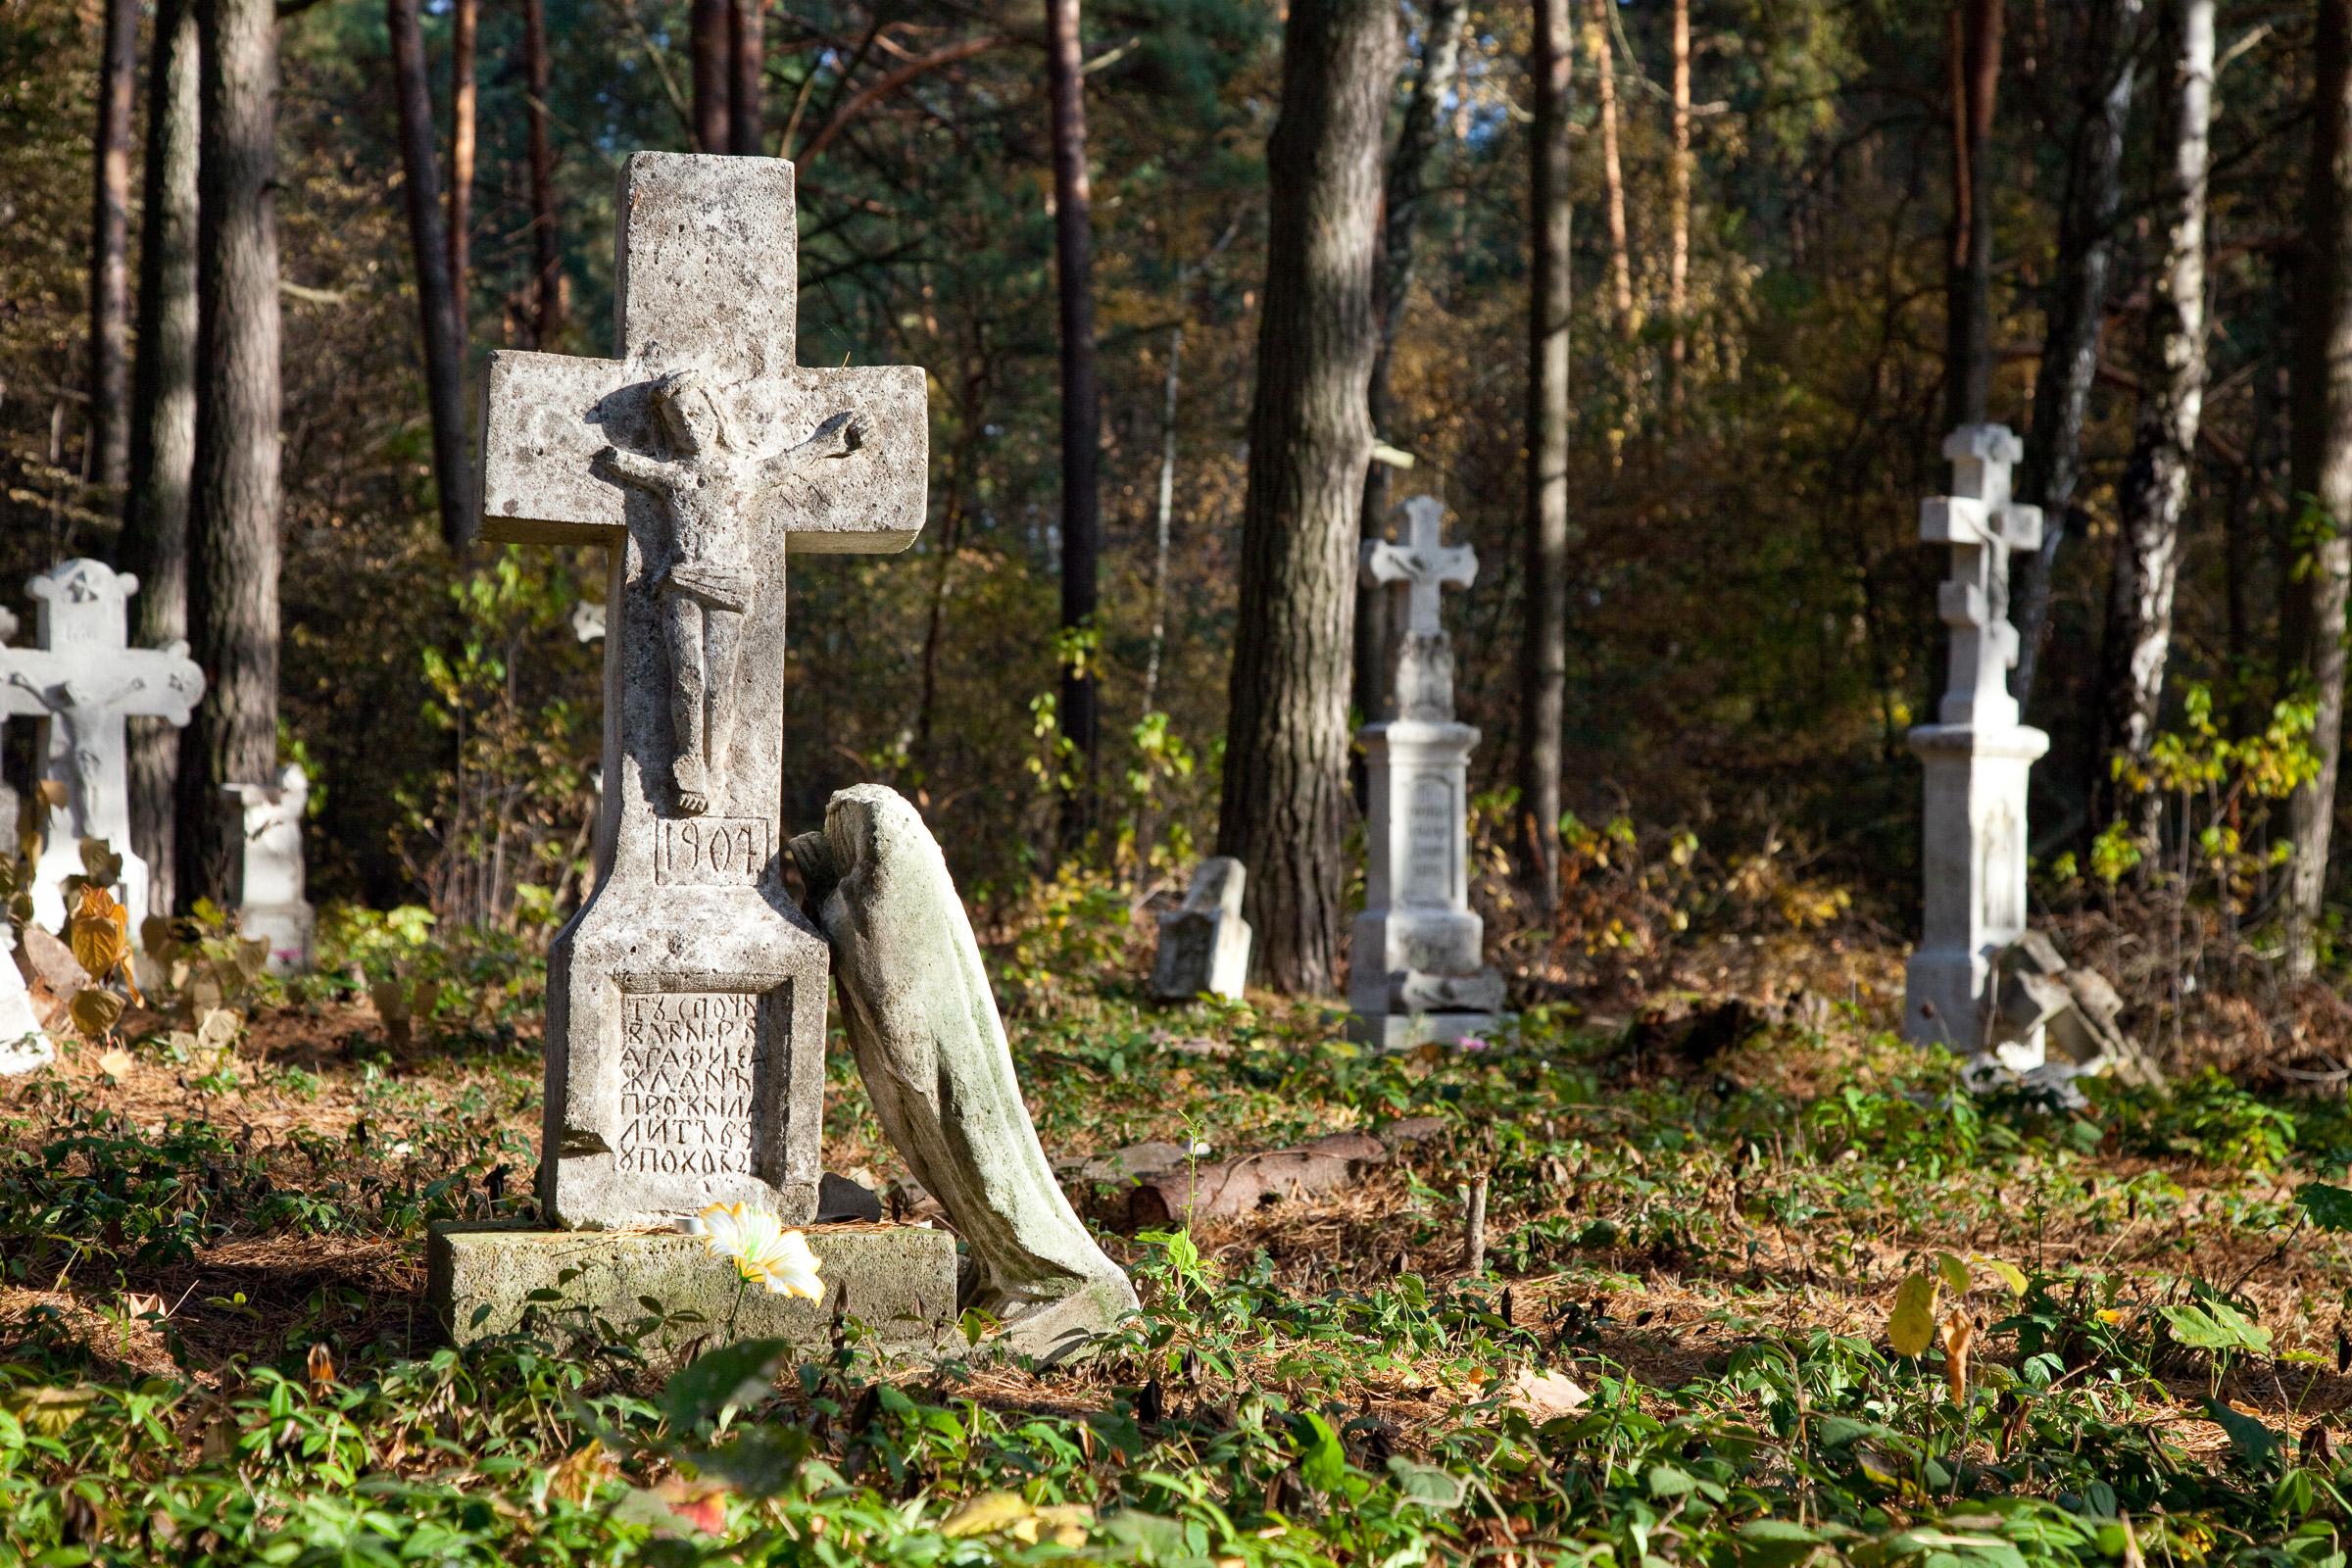 Roztocze. Cmentarz w lesie, a na nim nagrobki bedące dziełem kamieniarzy bruśnieńskich. fot. Krzysztof Zajączkowski